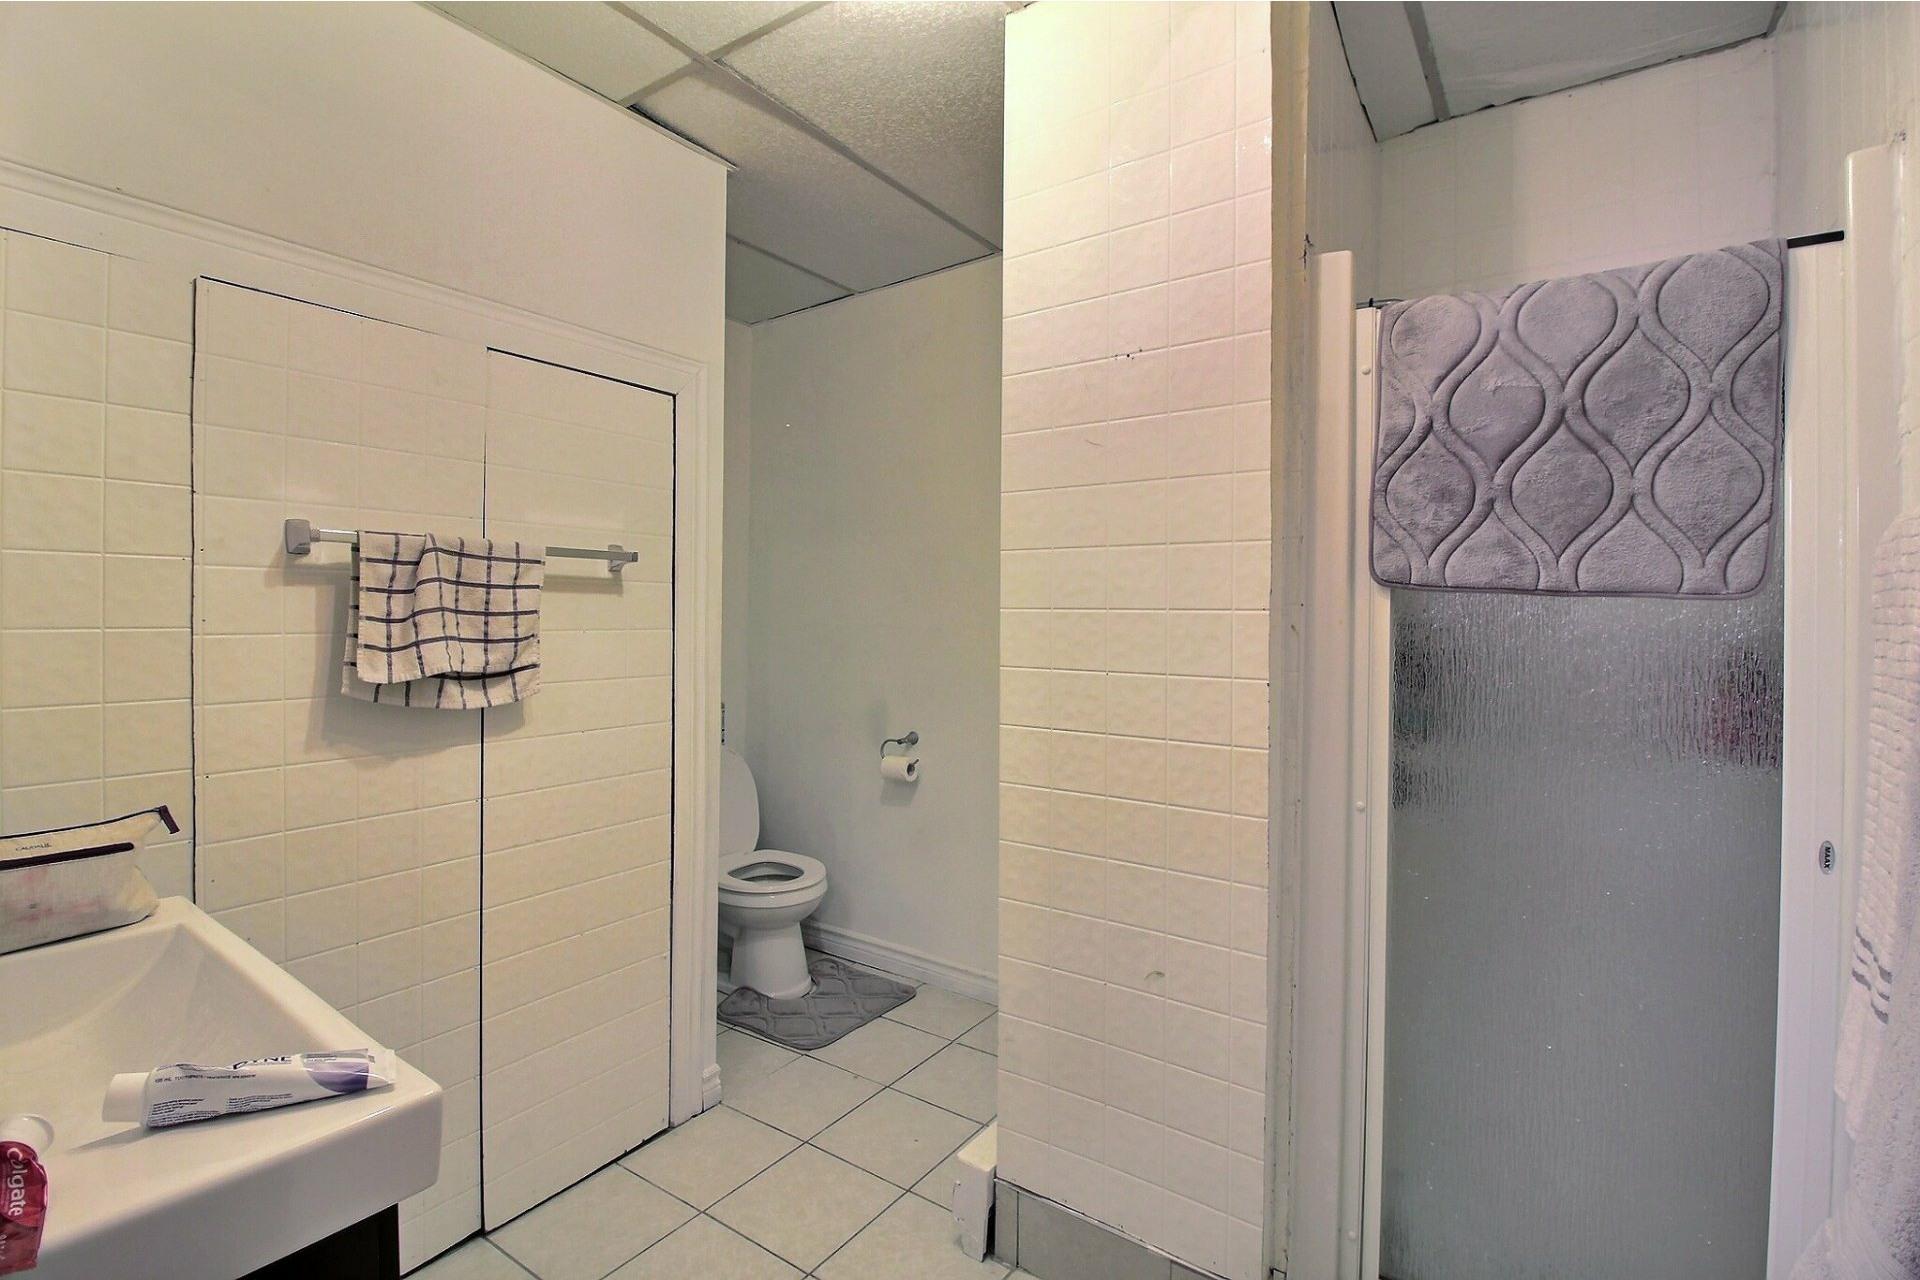 image 12 - Duplex À vendre Fleurimont Sherbrooke  - 4 pièces